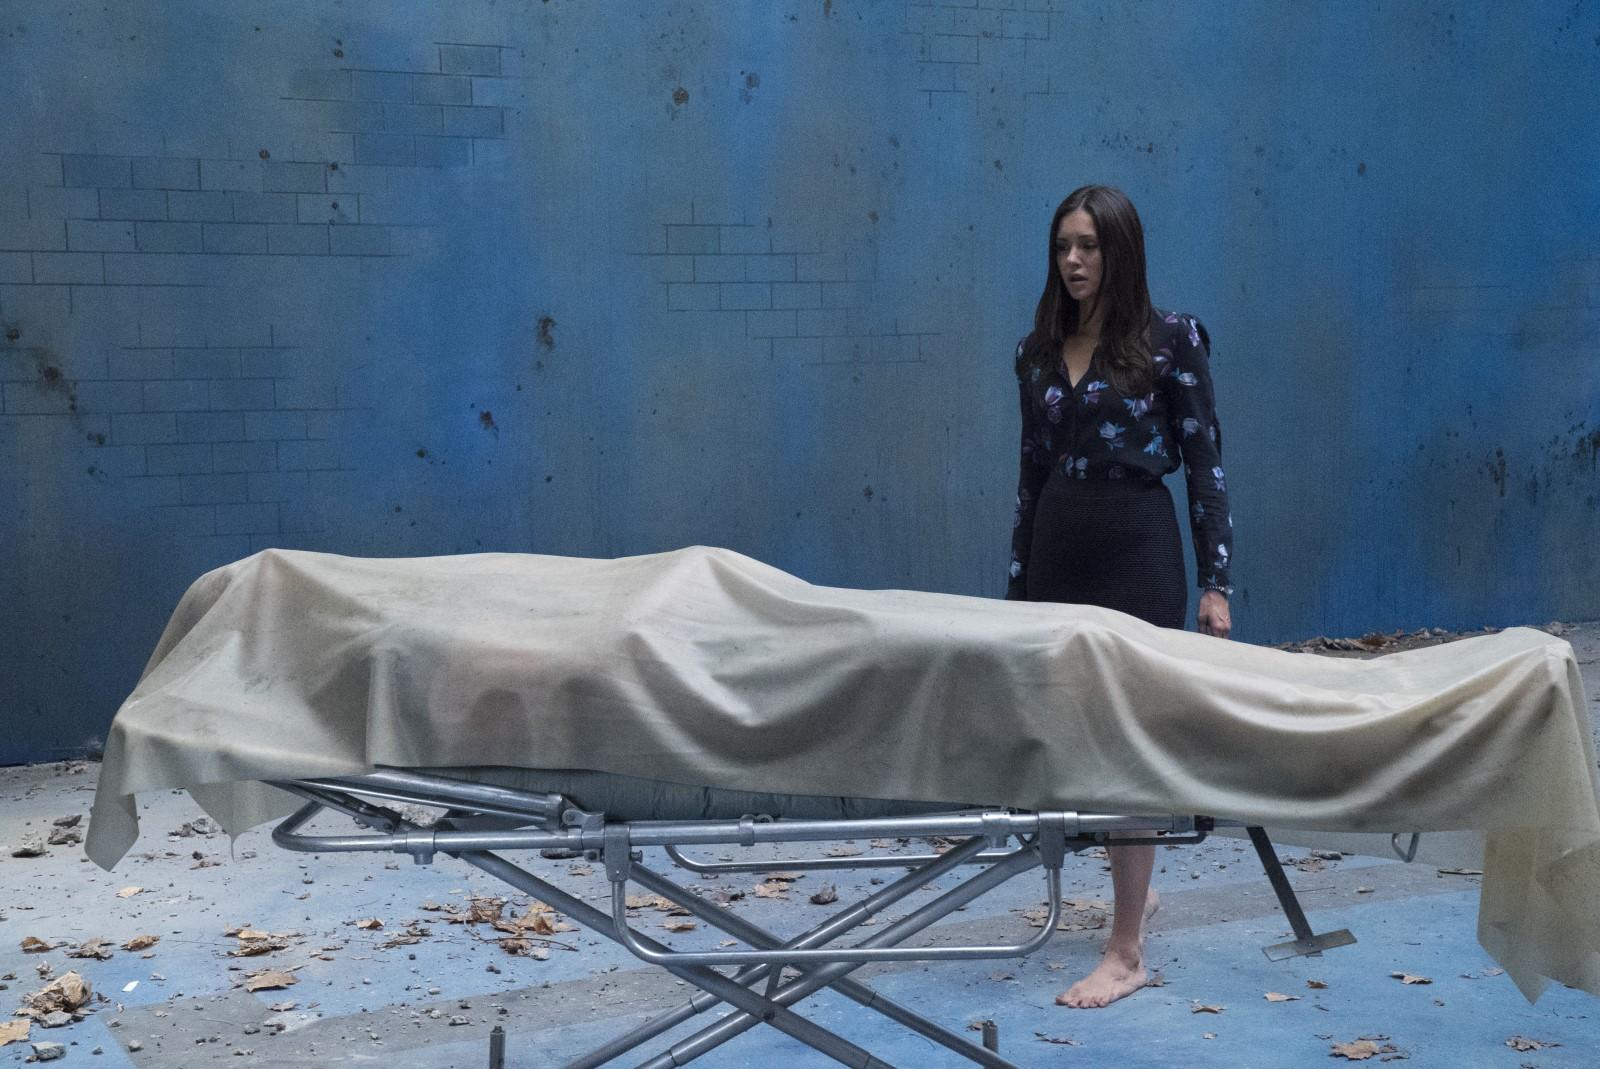 L'Expérience Interdite de Nils Arden Oplev - 2017 / Thriller